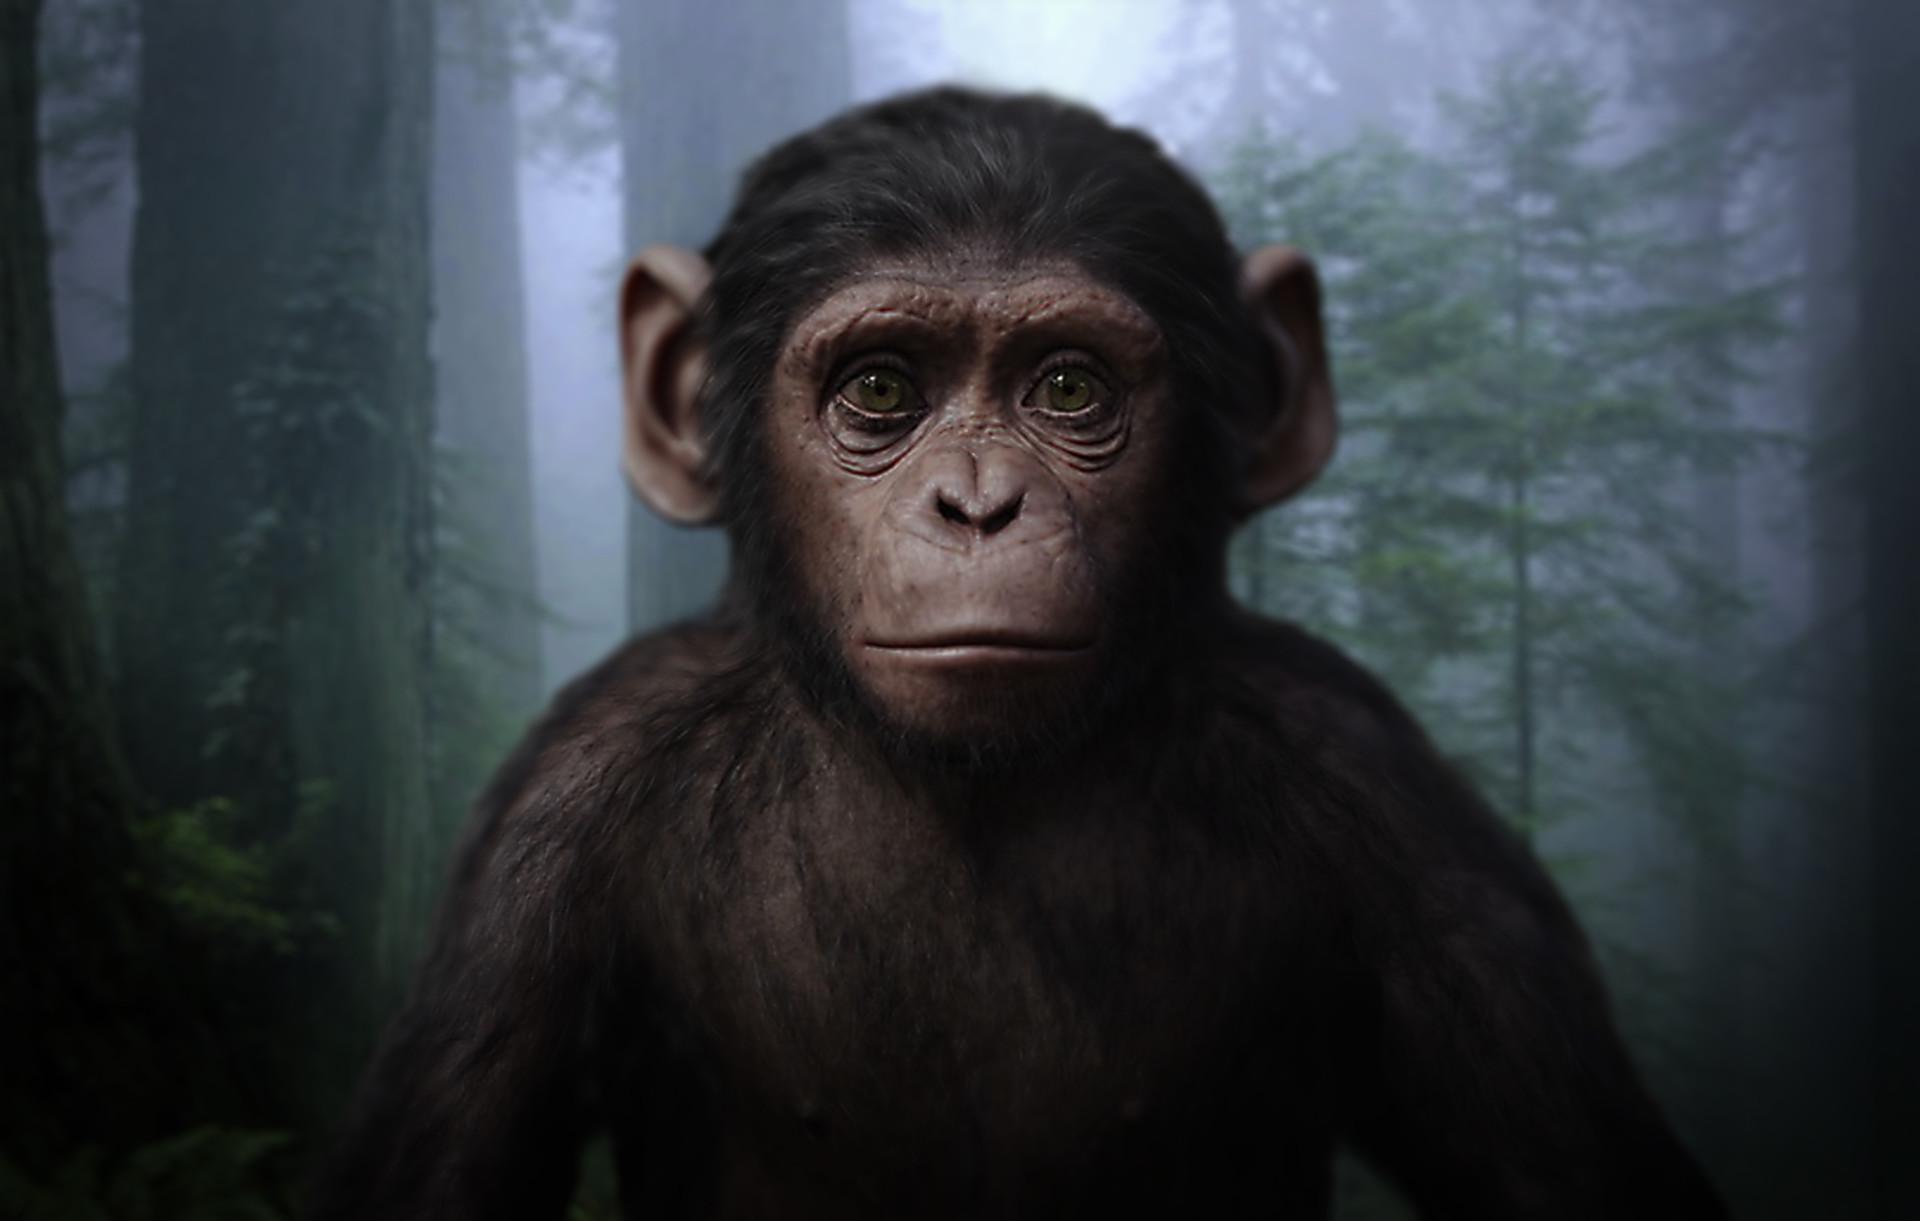 Ape Prince